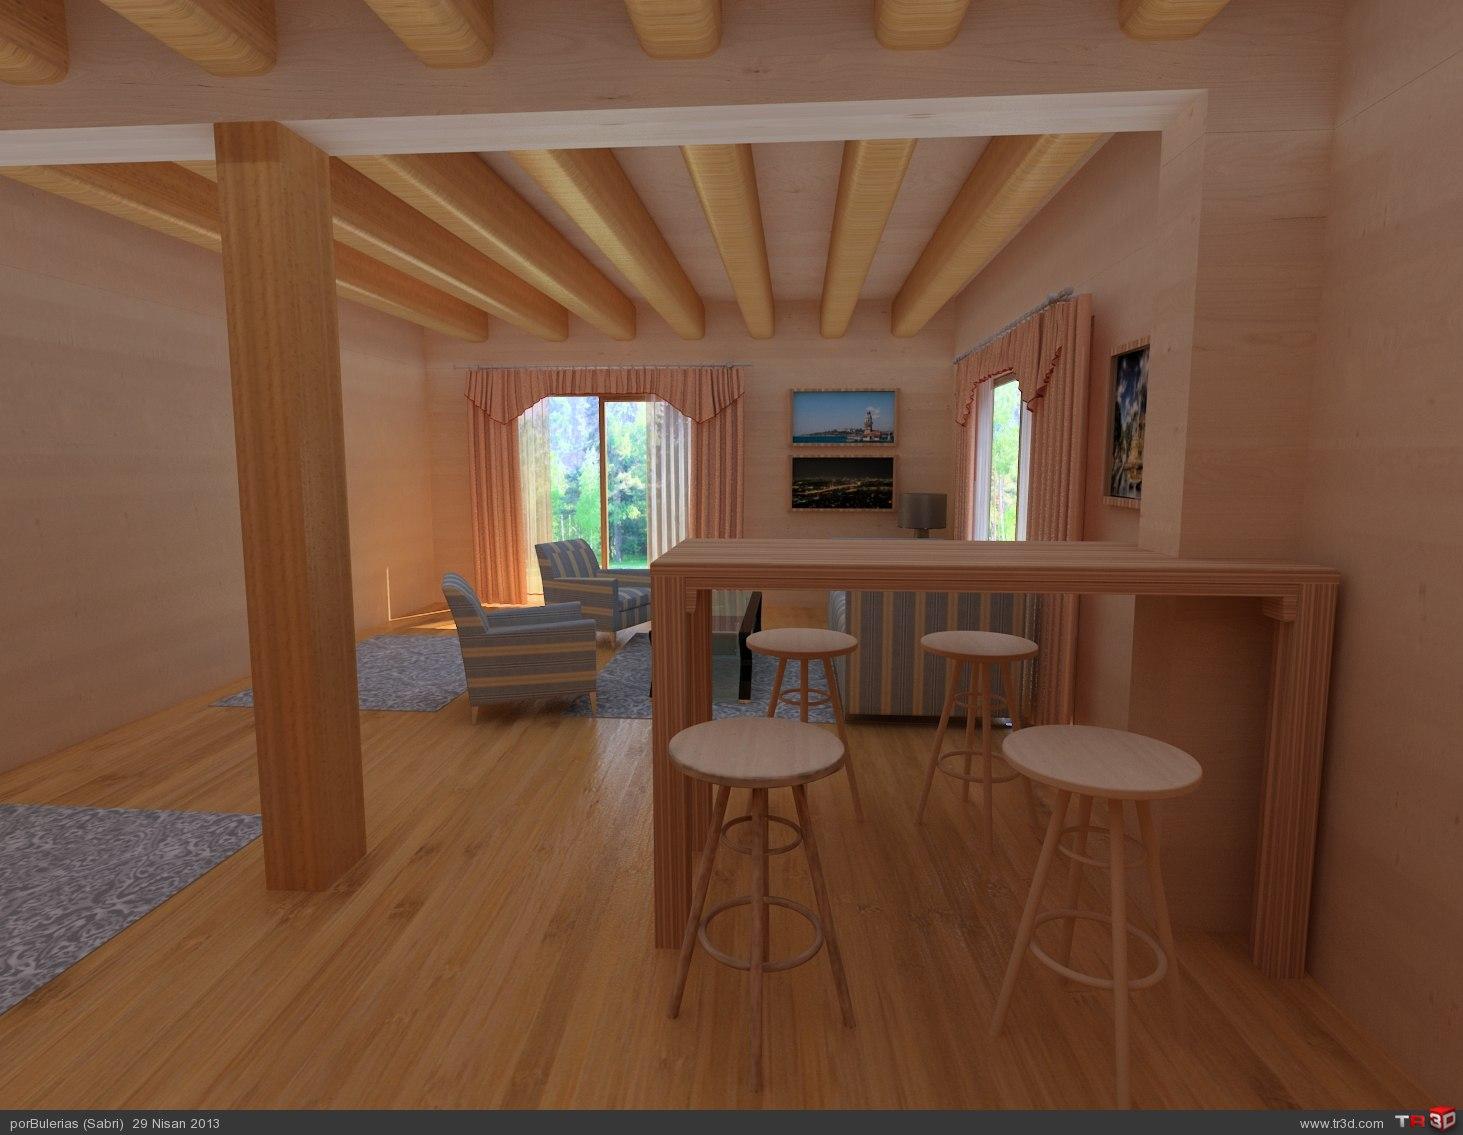 Ahşap ev / Wooden house 1